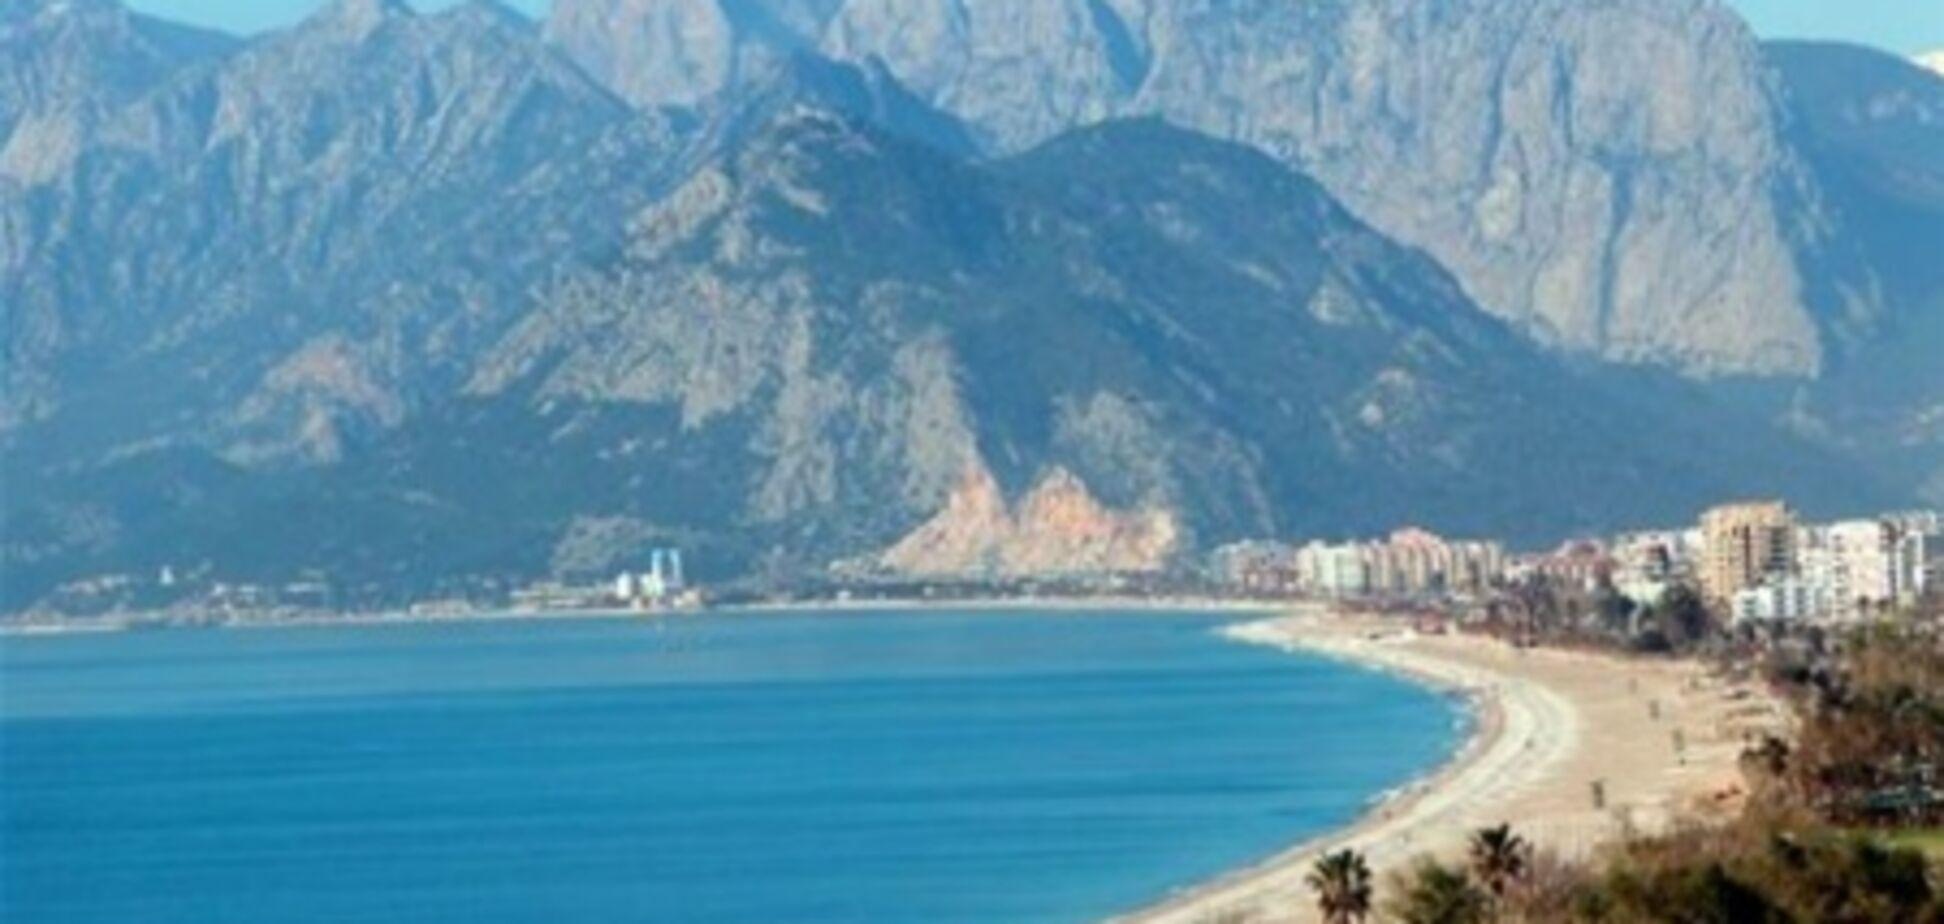 Украинцам запретили покупать недвижимость на турецком побережье